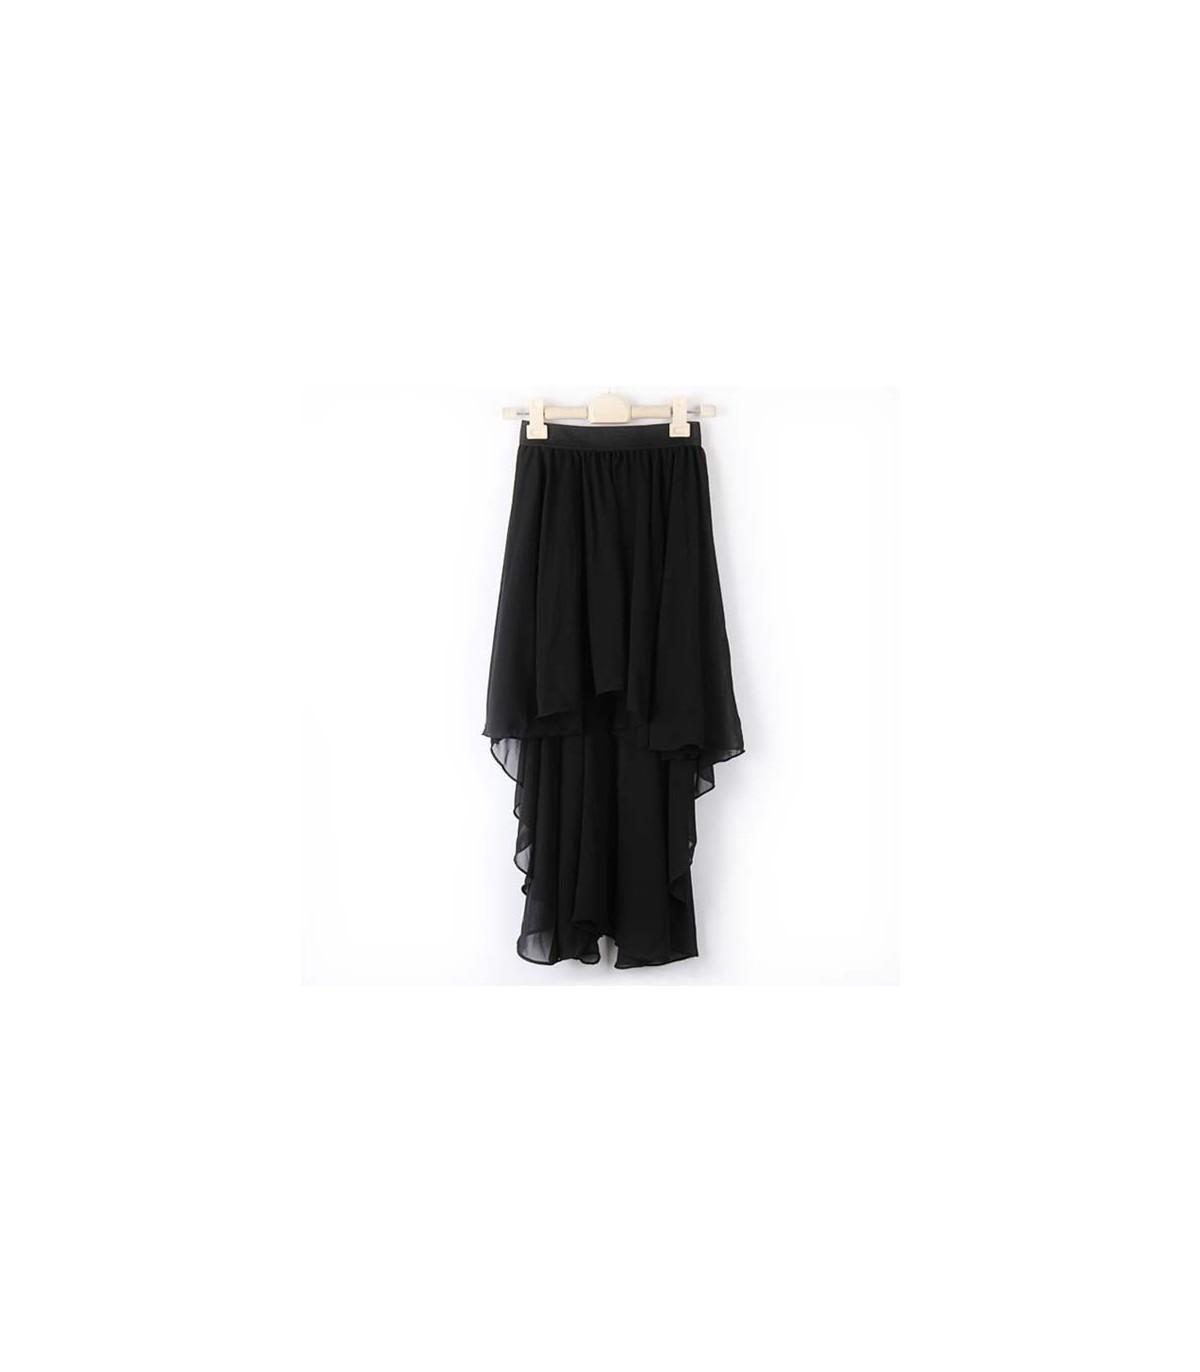 """Womens New Stunning Green Satin Look Pencil Skirt Elastic Waist Length 33/"""""""